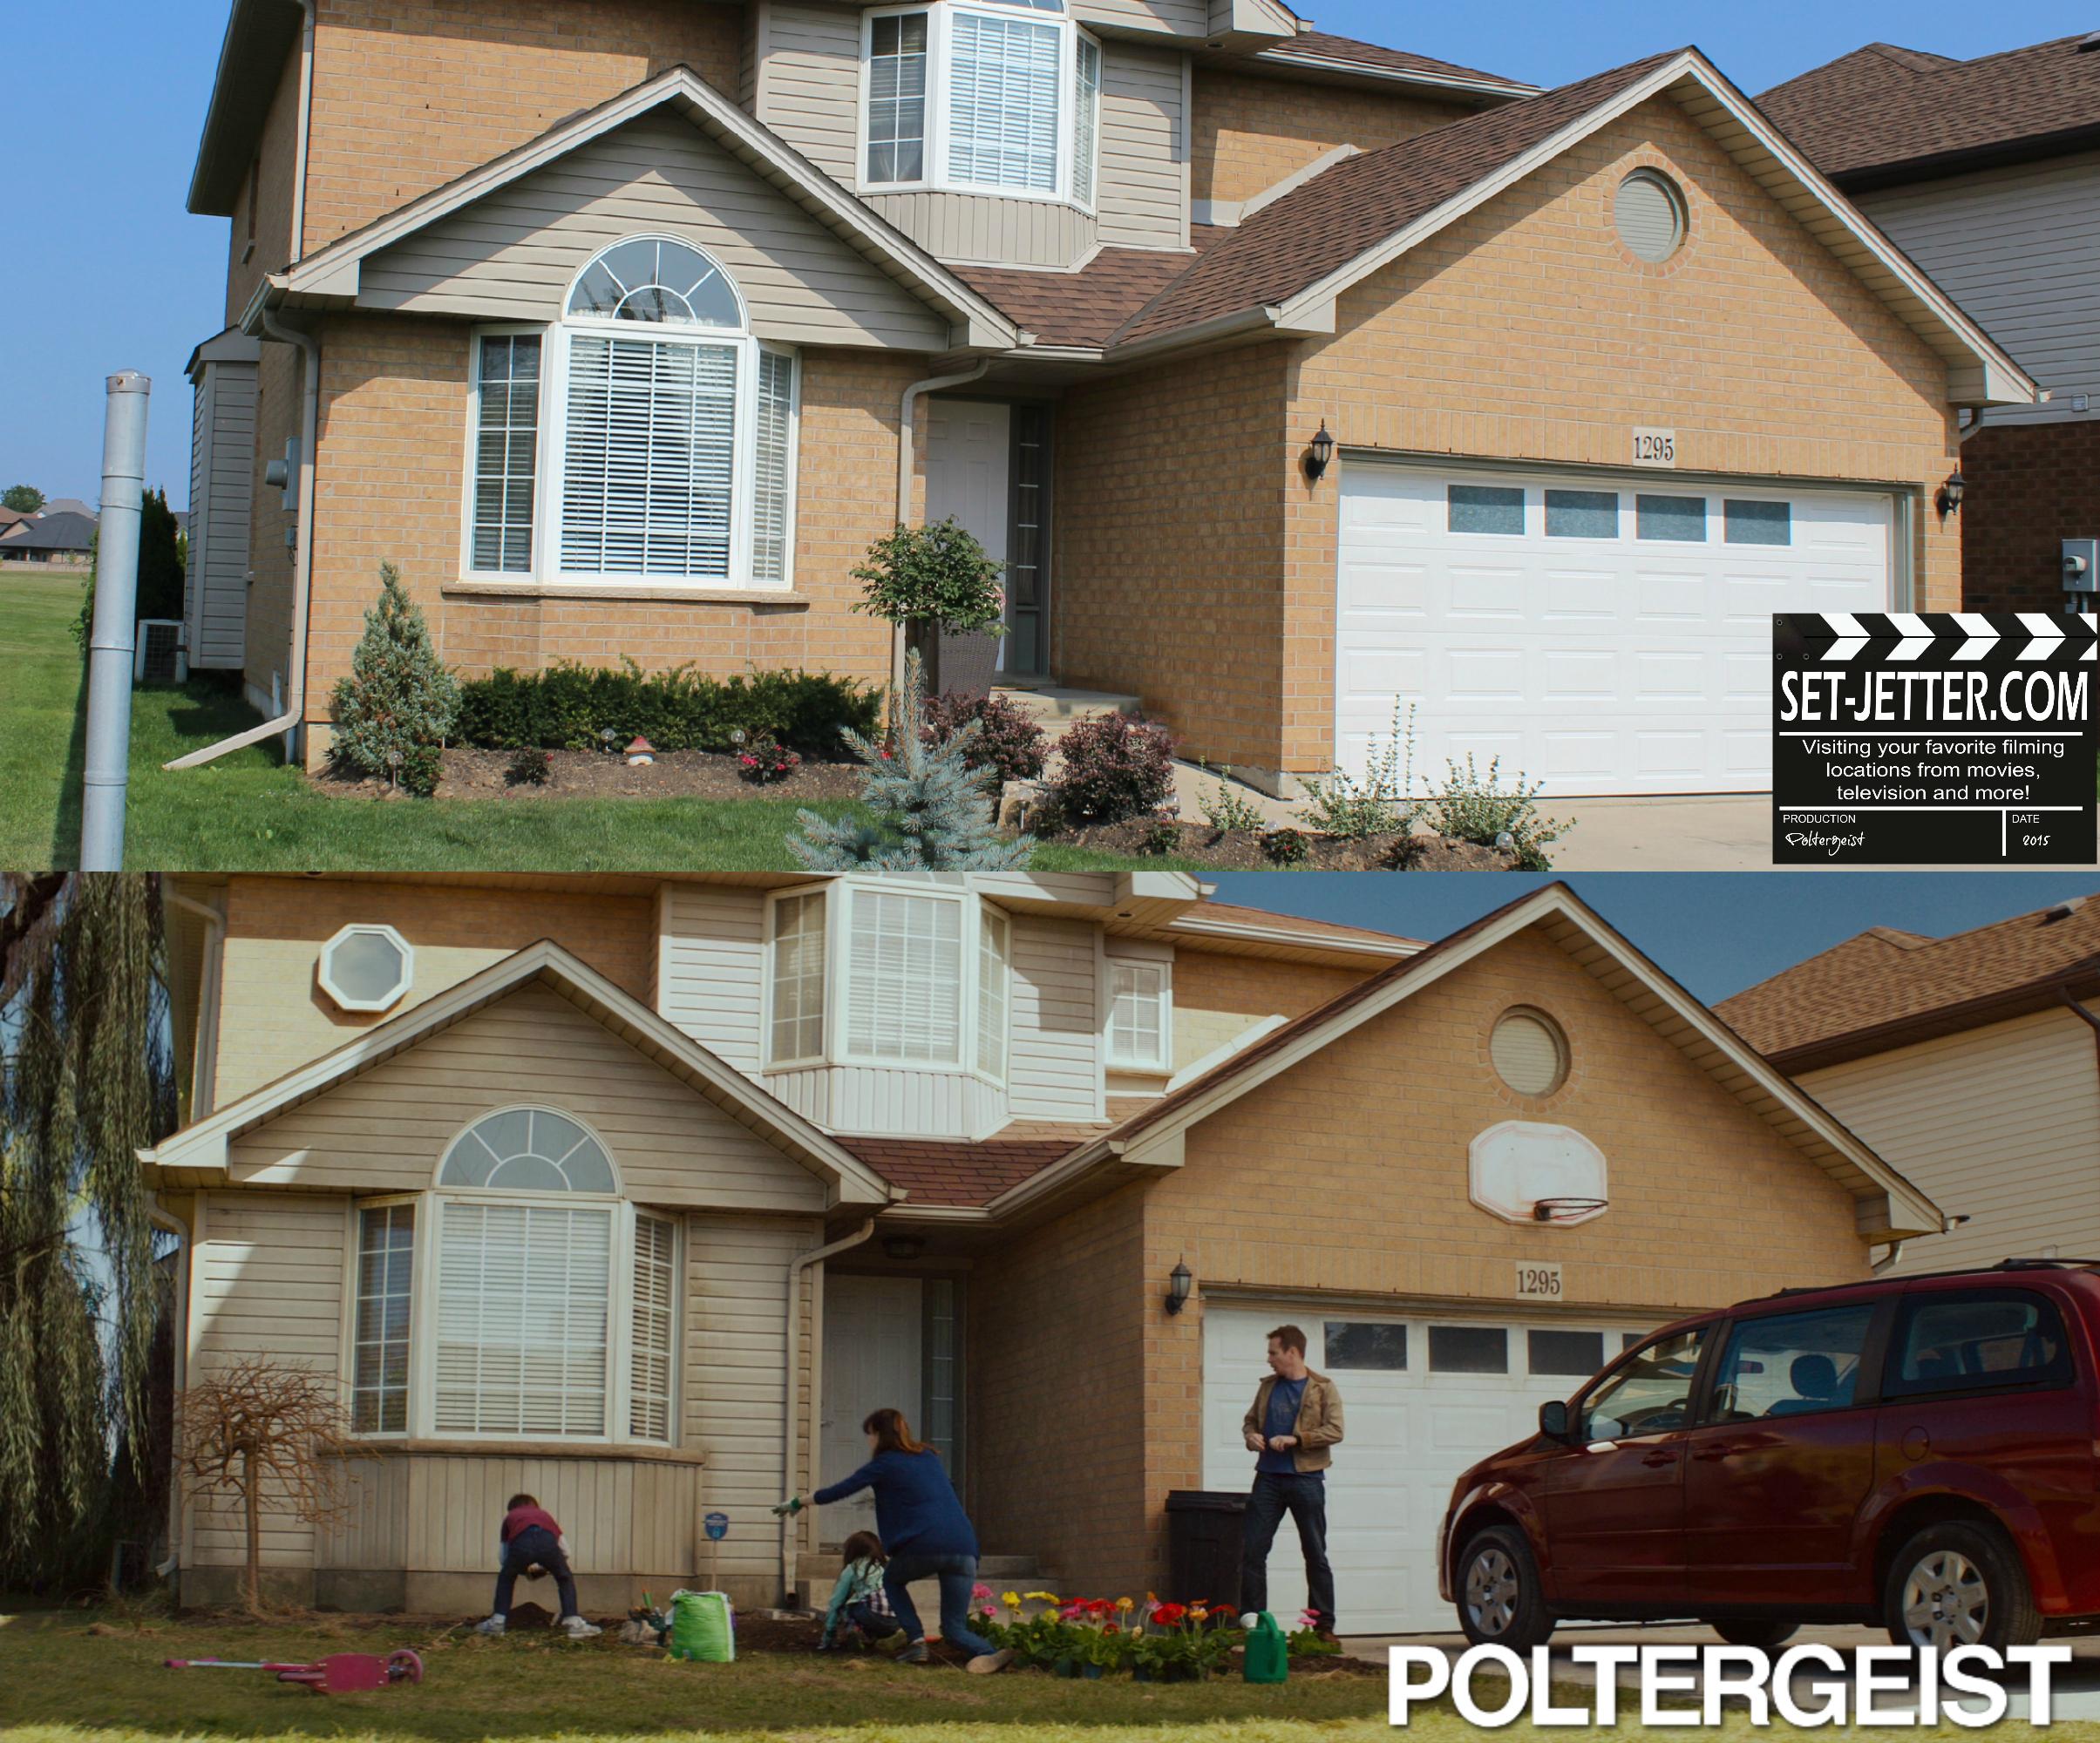 Poltergeist comparison 66.jpg